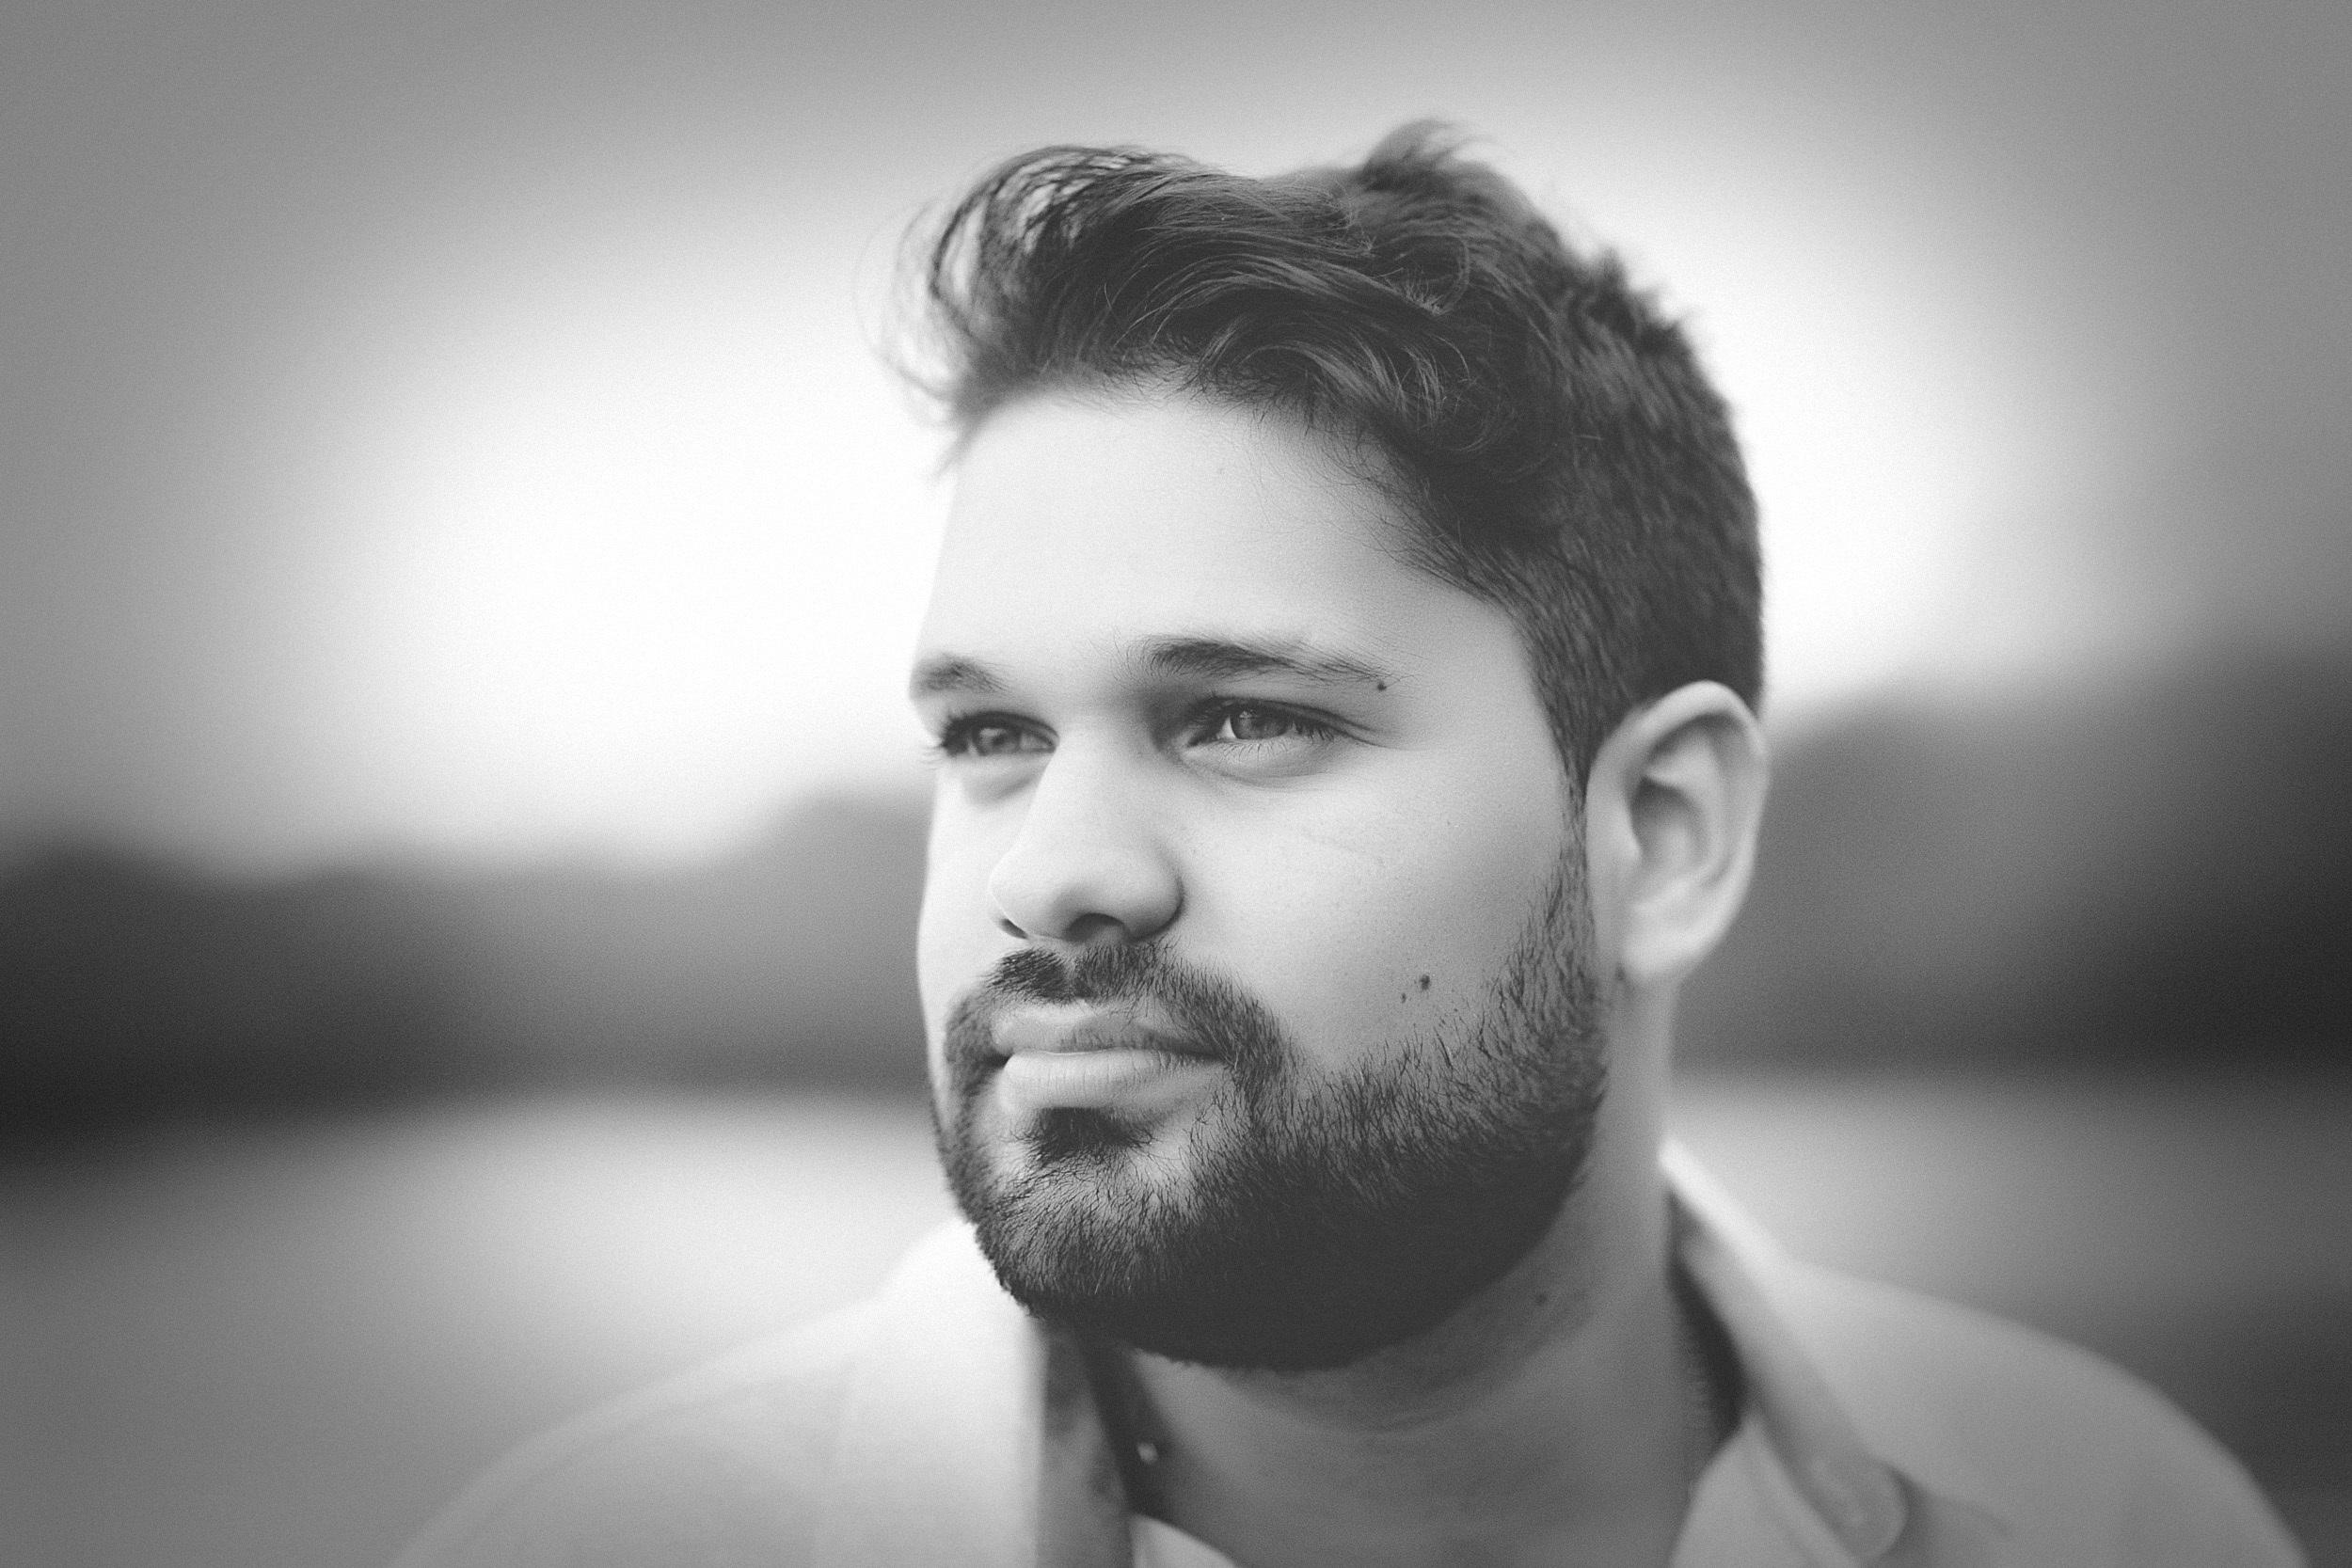 Sobre Murilo Araújo fotógrafo